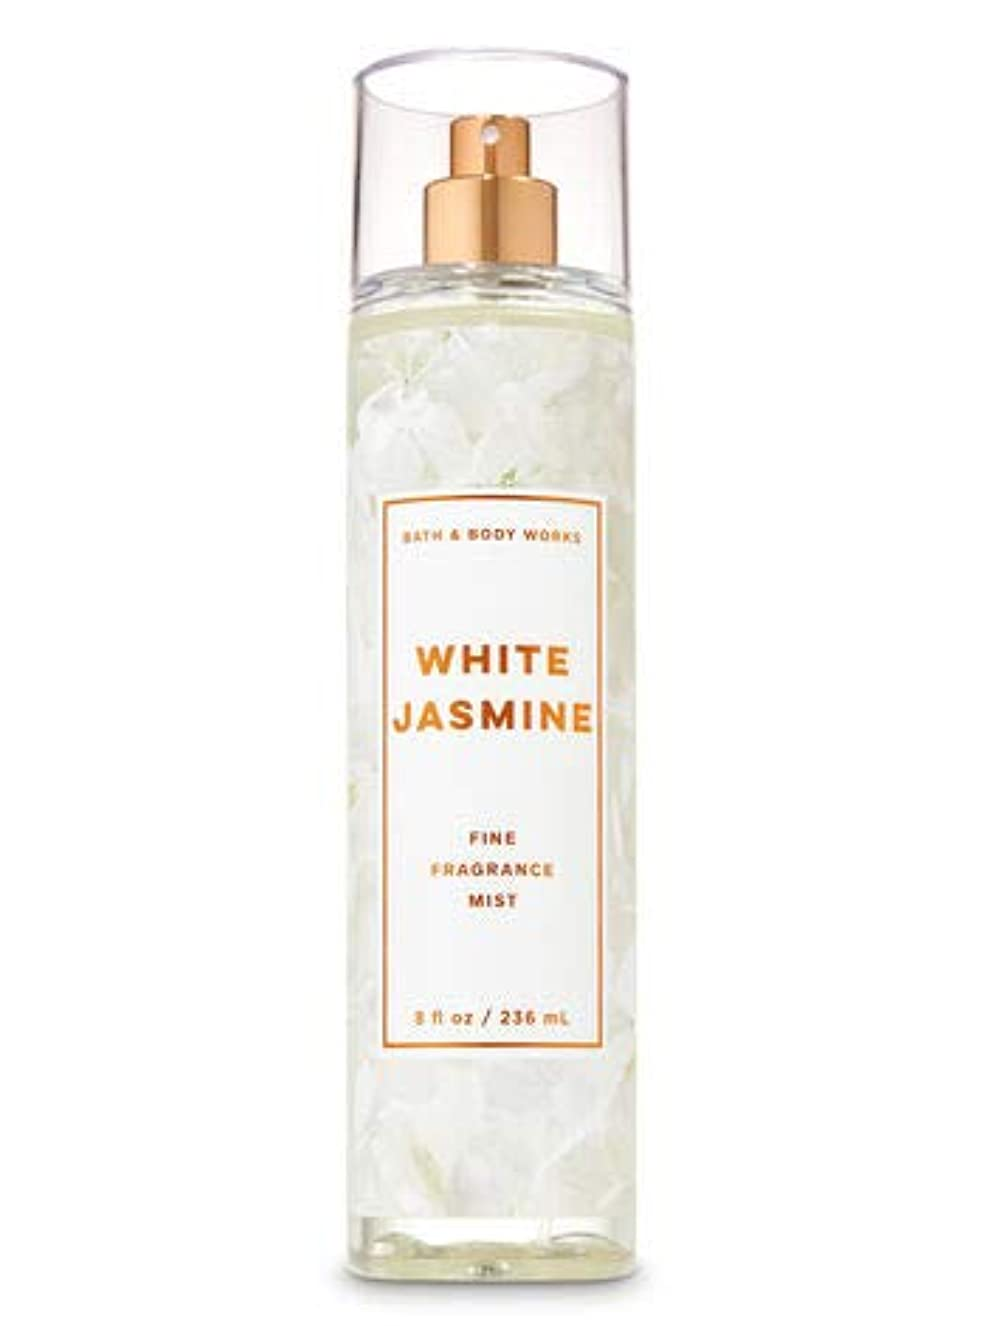 アンビエント炭素時間厳守【Bath&Body Works/バス&ボディワークス】 ファインフレグランスミスト ホワイトジャスミン Fine Fragrance Mist White Jasmine 8oz (236ml) [並行輸入品]